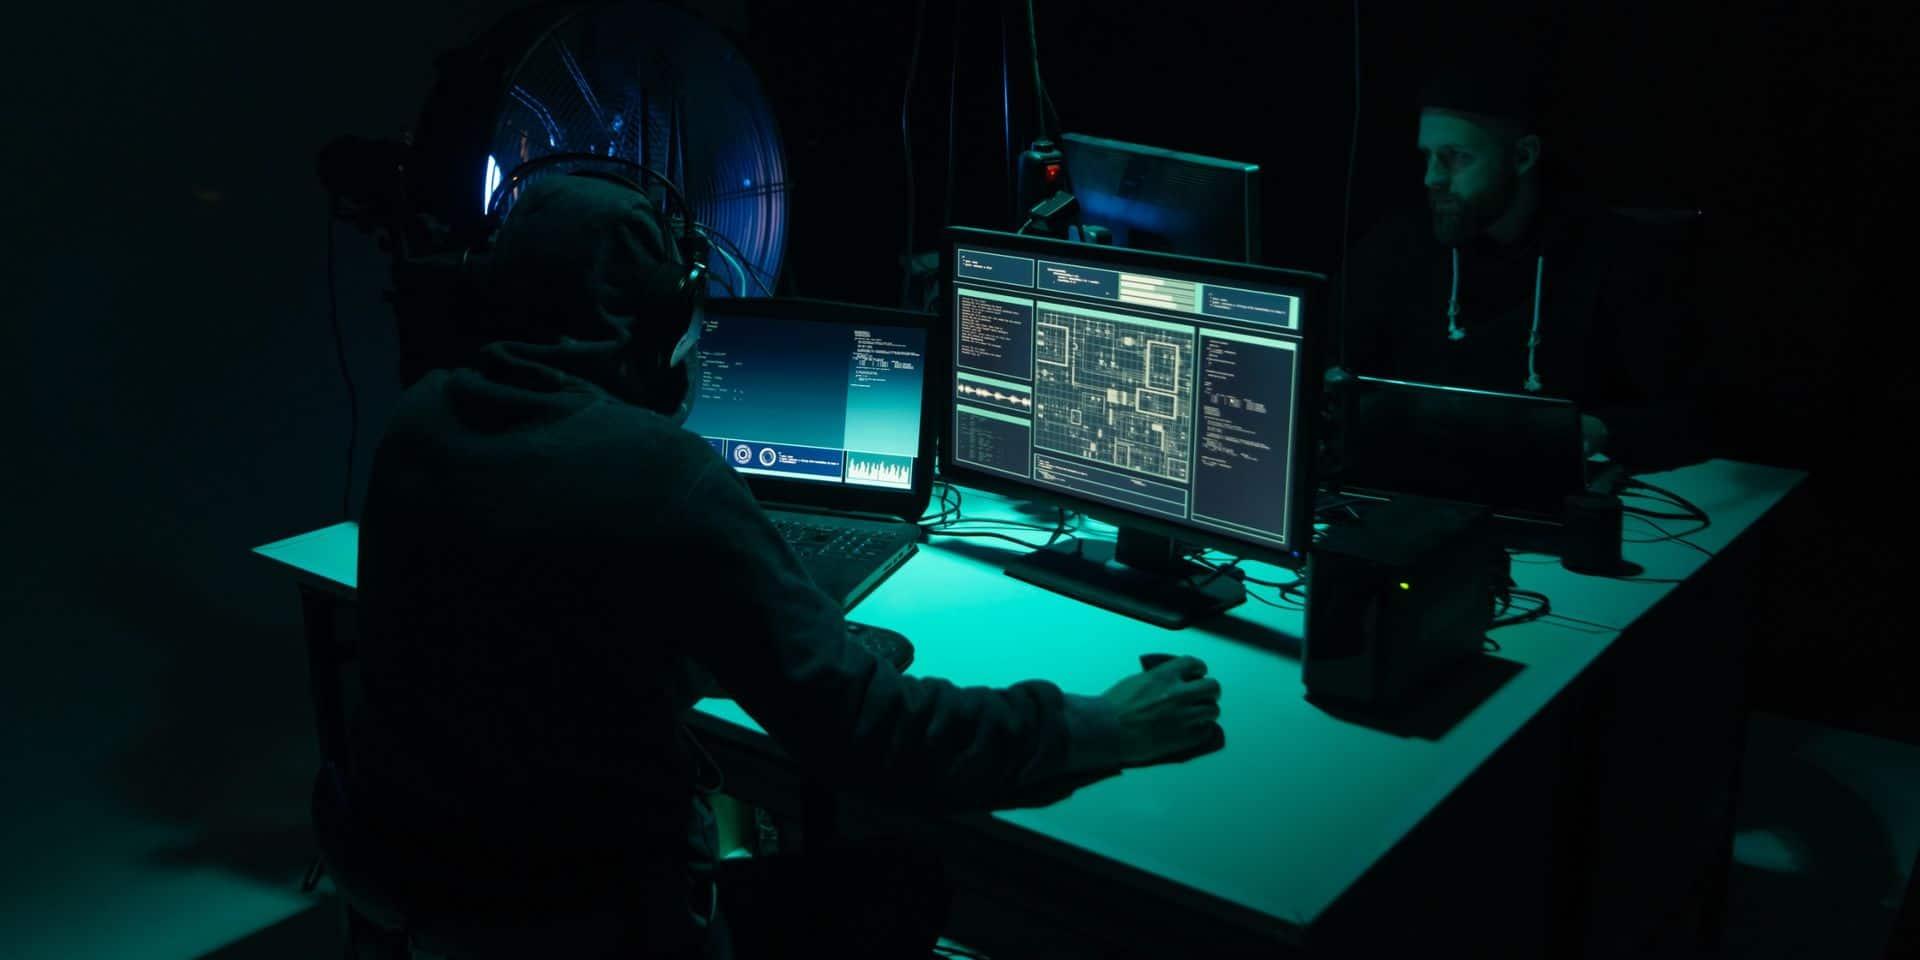 Un laboratoire anversois important dans la gestion du coronavirus cyber-attaqué: les hackers exigent une rançon